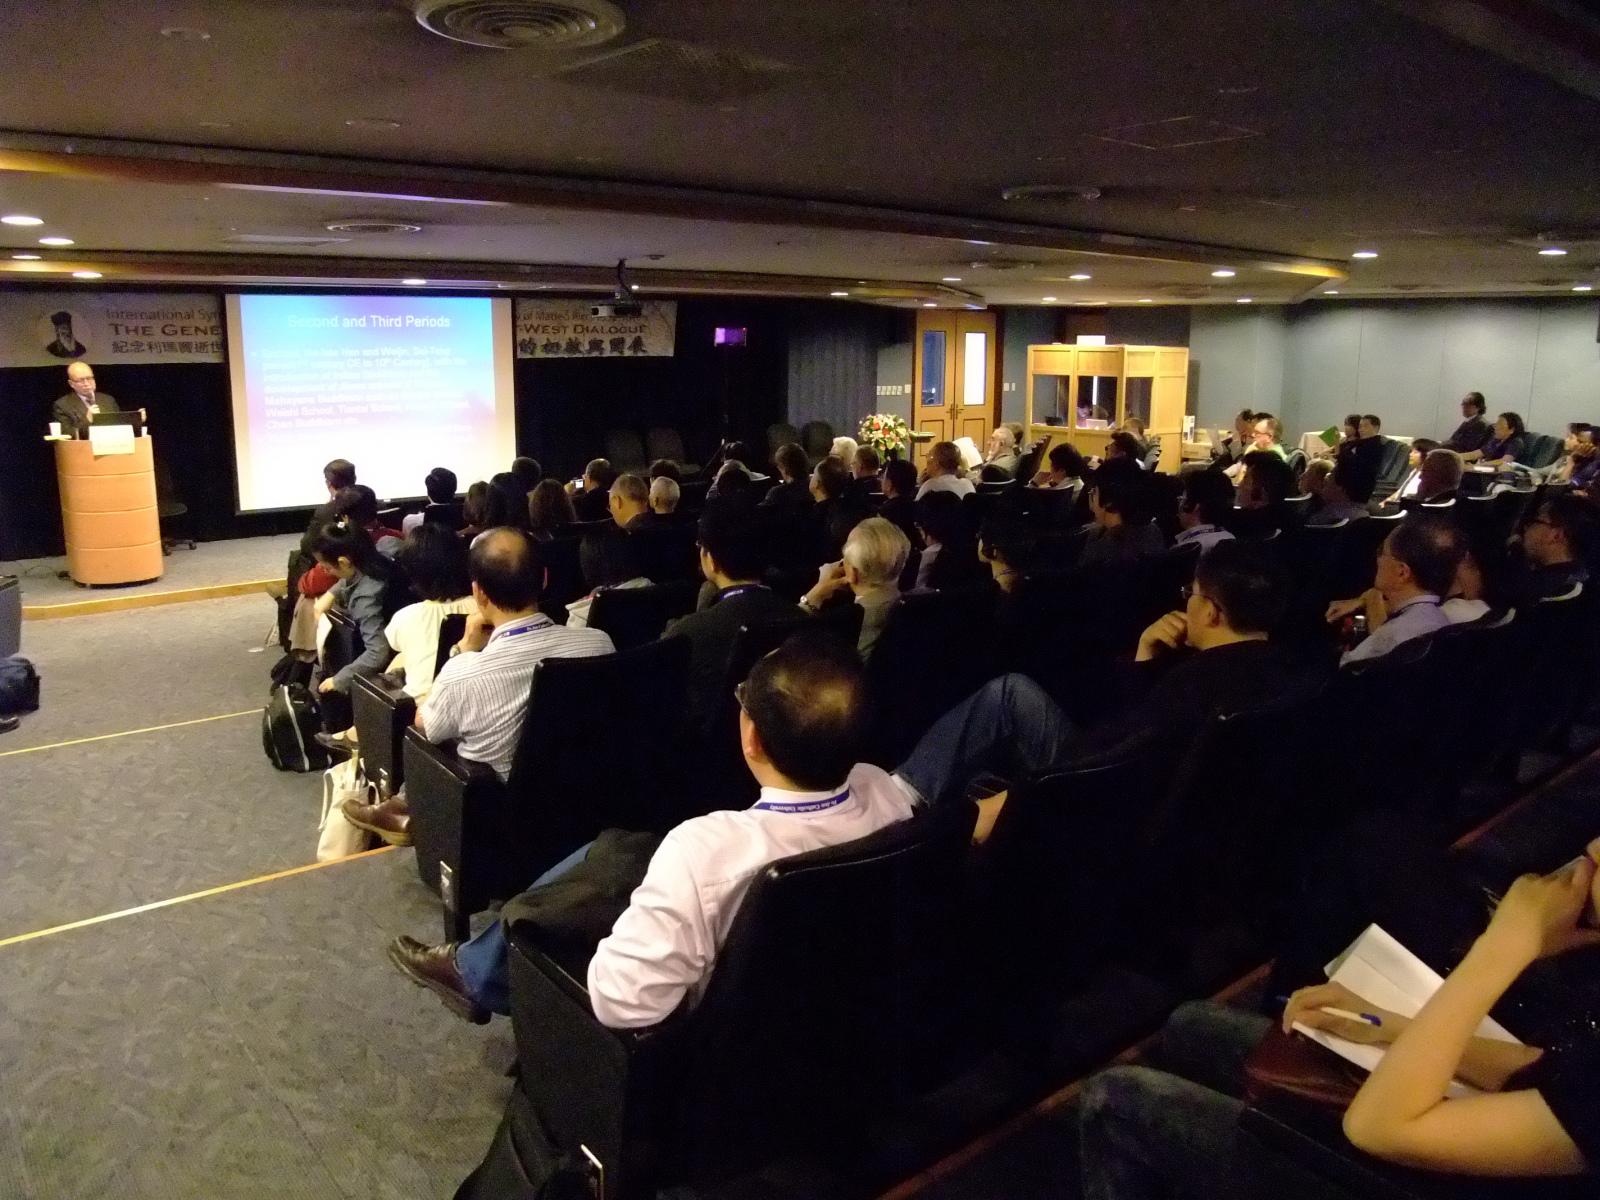 201004紀念利瑪竇逝世四百週年國際學術研討會-16